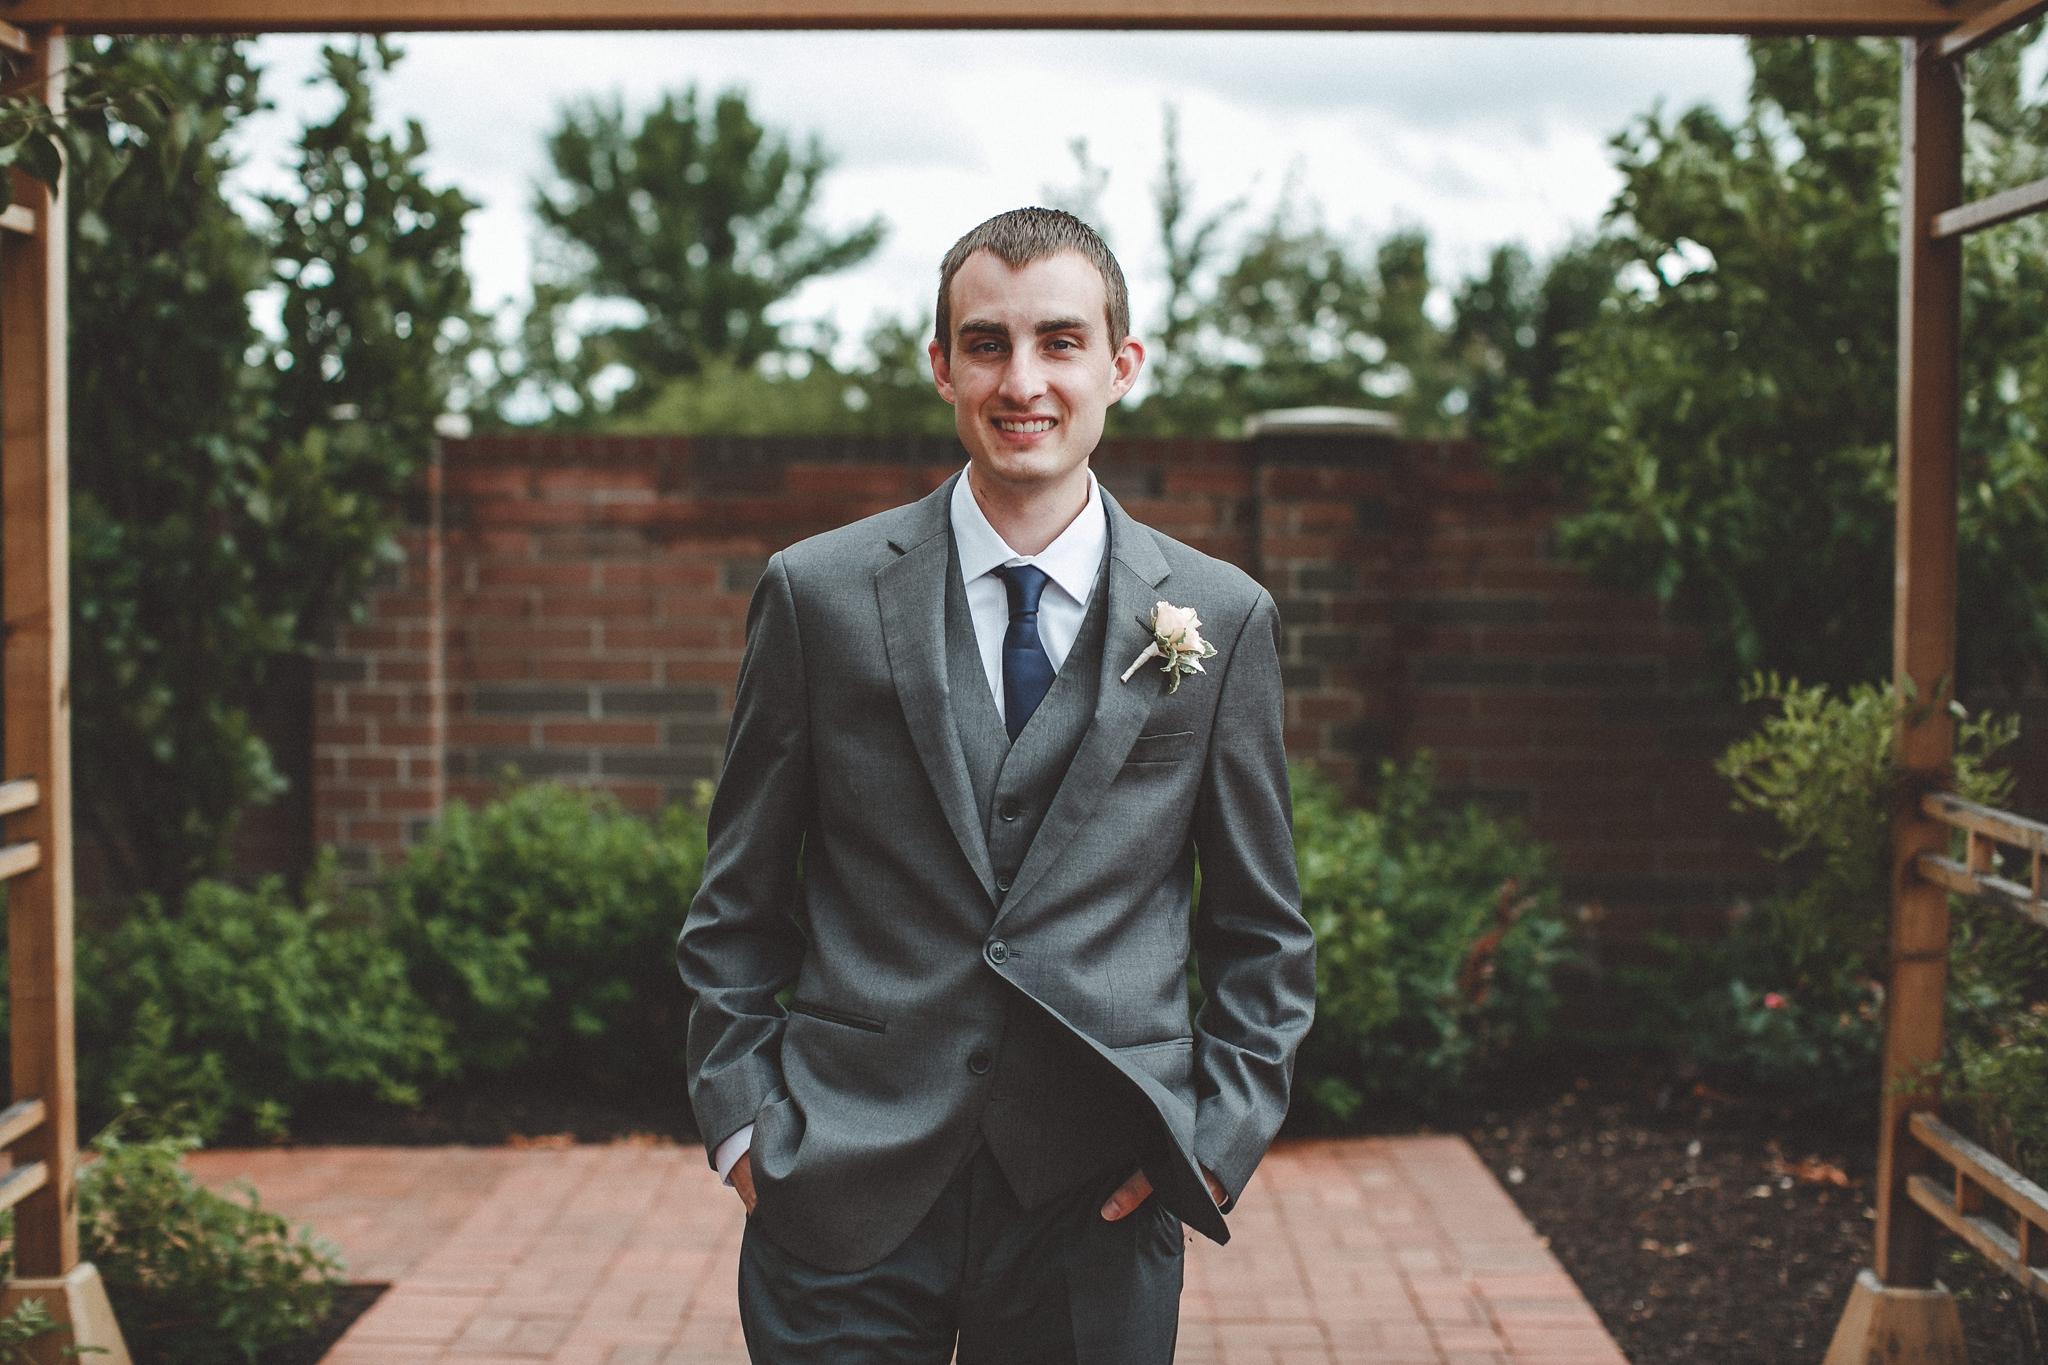 noahs_event_venue_naperville_IL_wedding_photographer_0033.jpg